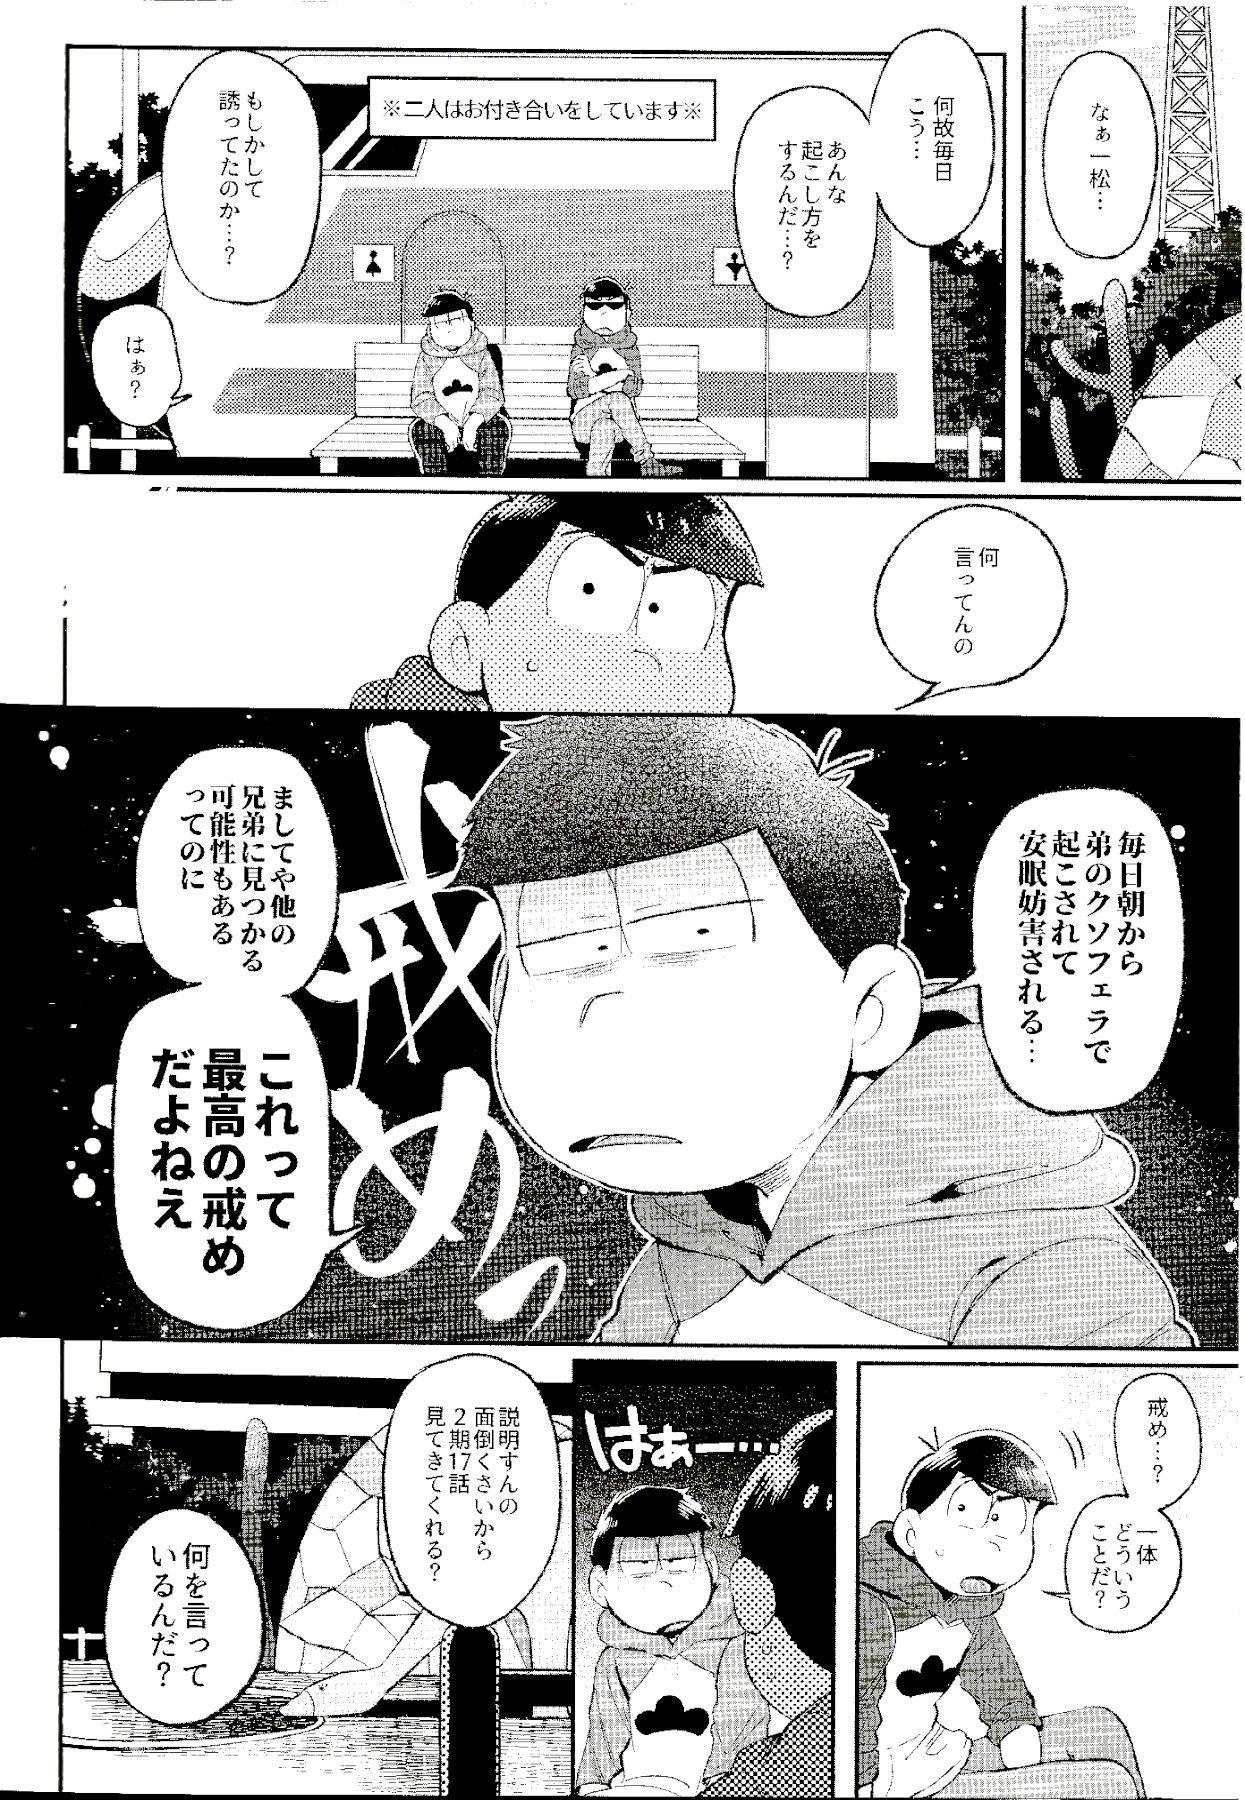 Kore ga Bokura no Imashime Riron 2